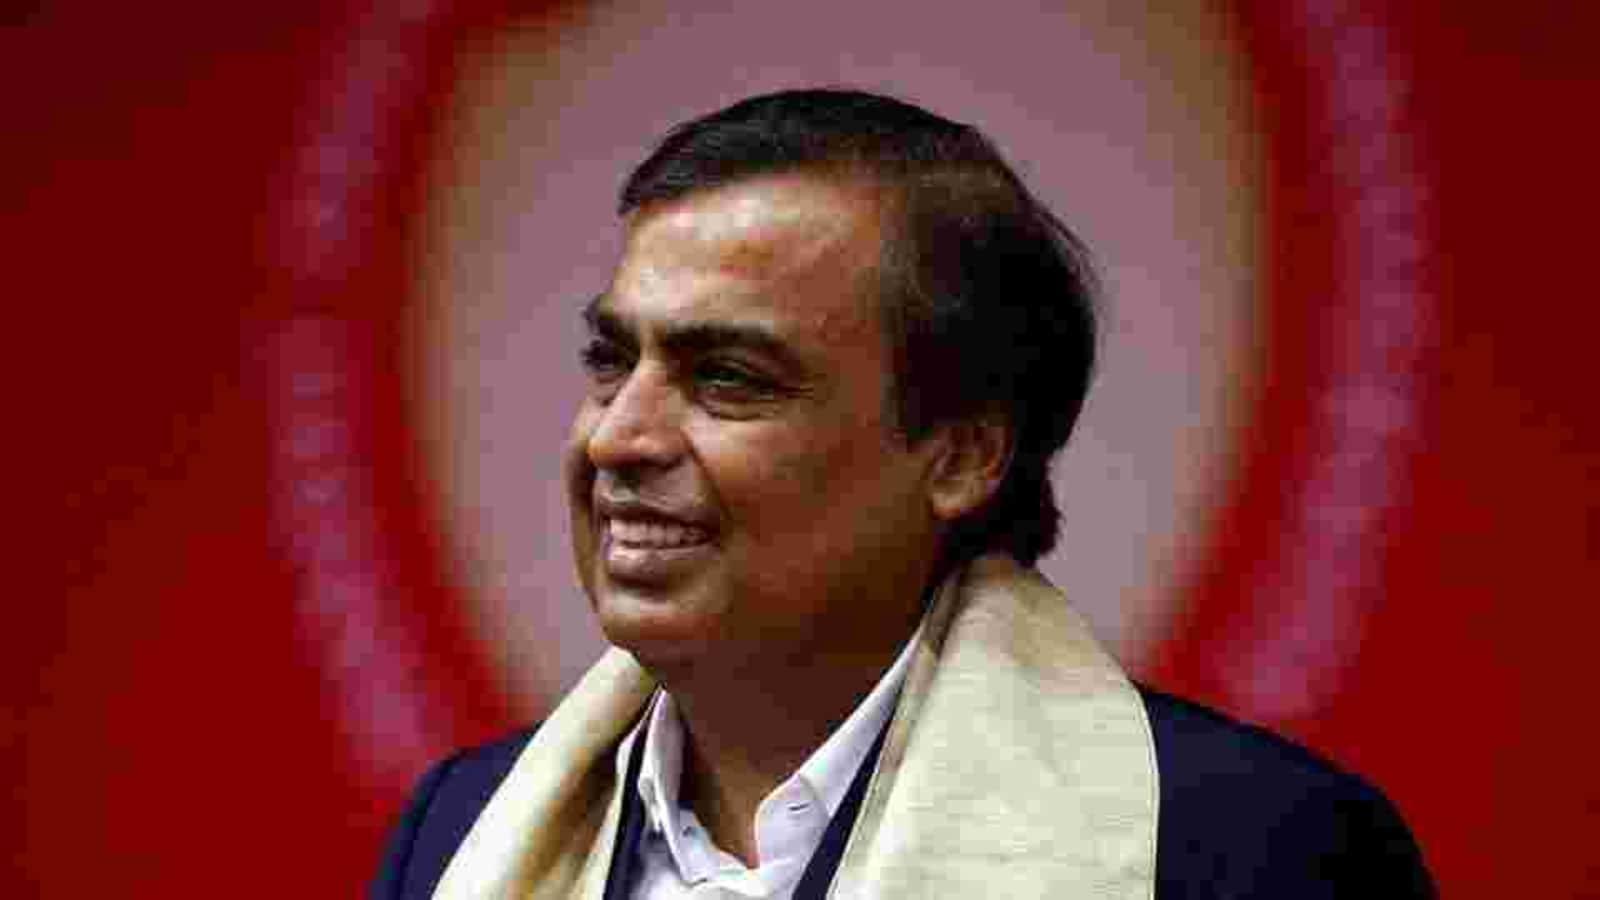 Mukesh Ambani is again richest Asian as China's Zhong loses $22 billion - Hindustan Times